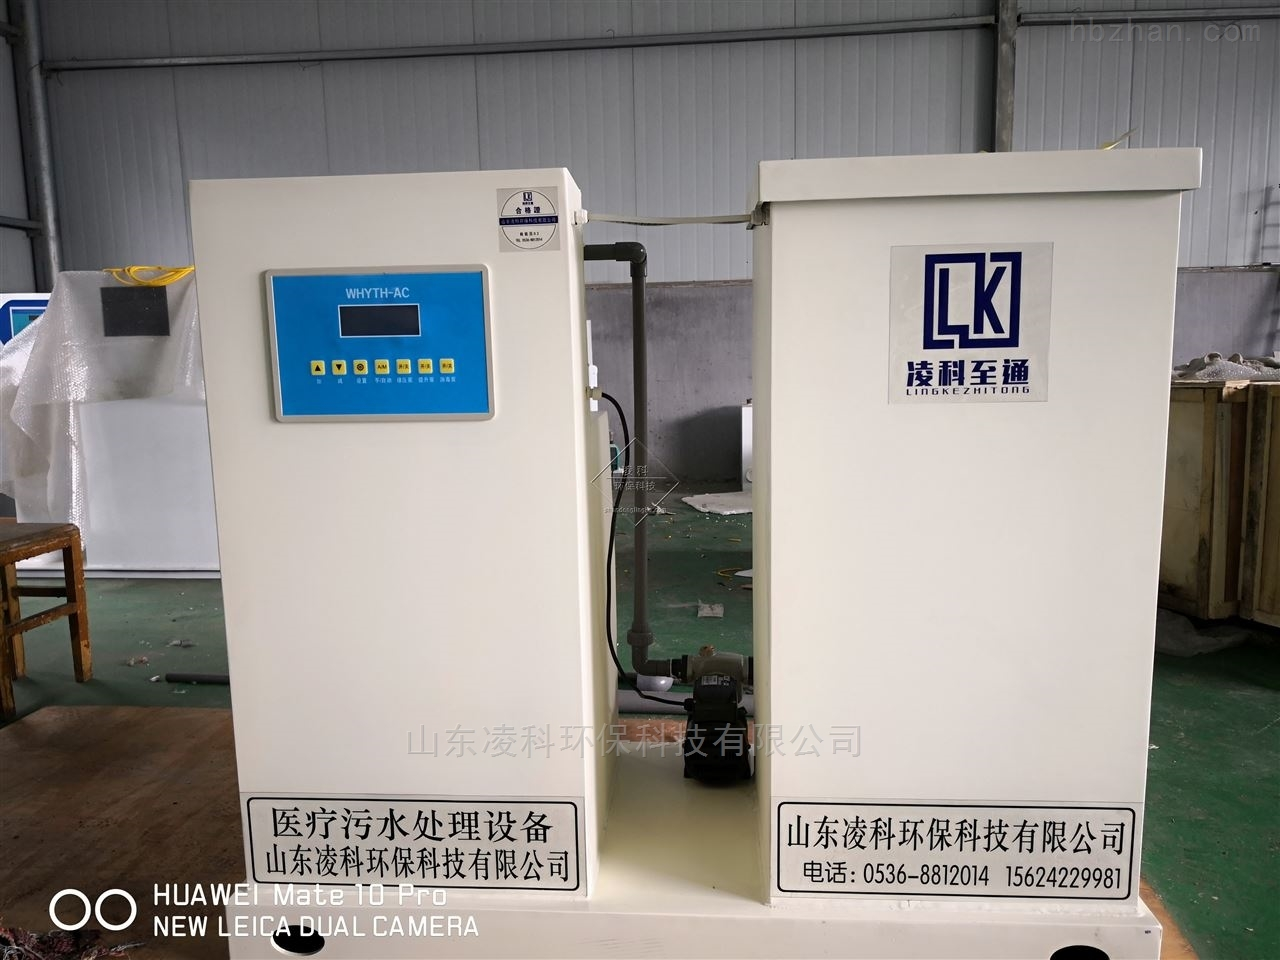 私人诊所污水处理设备供应商